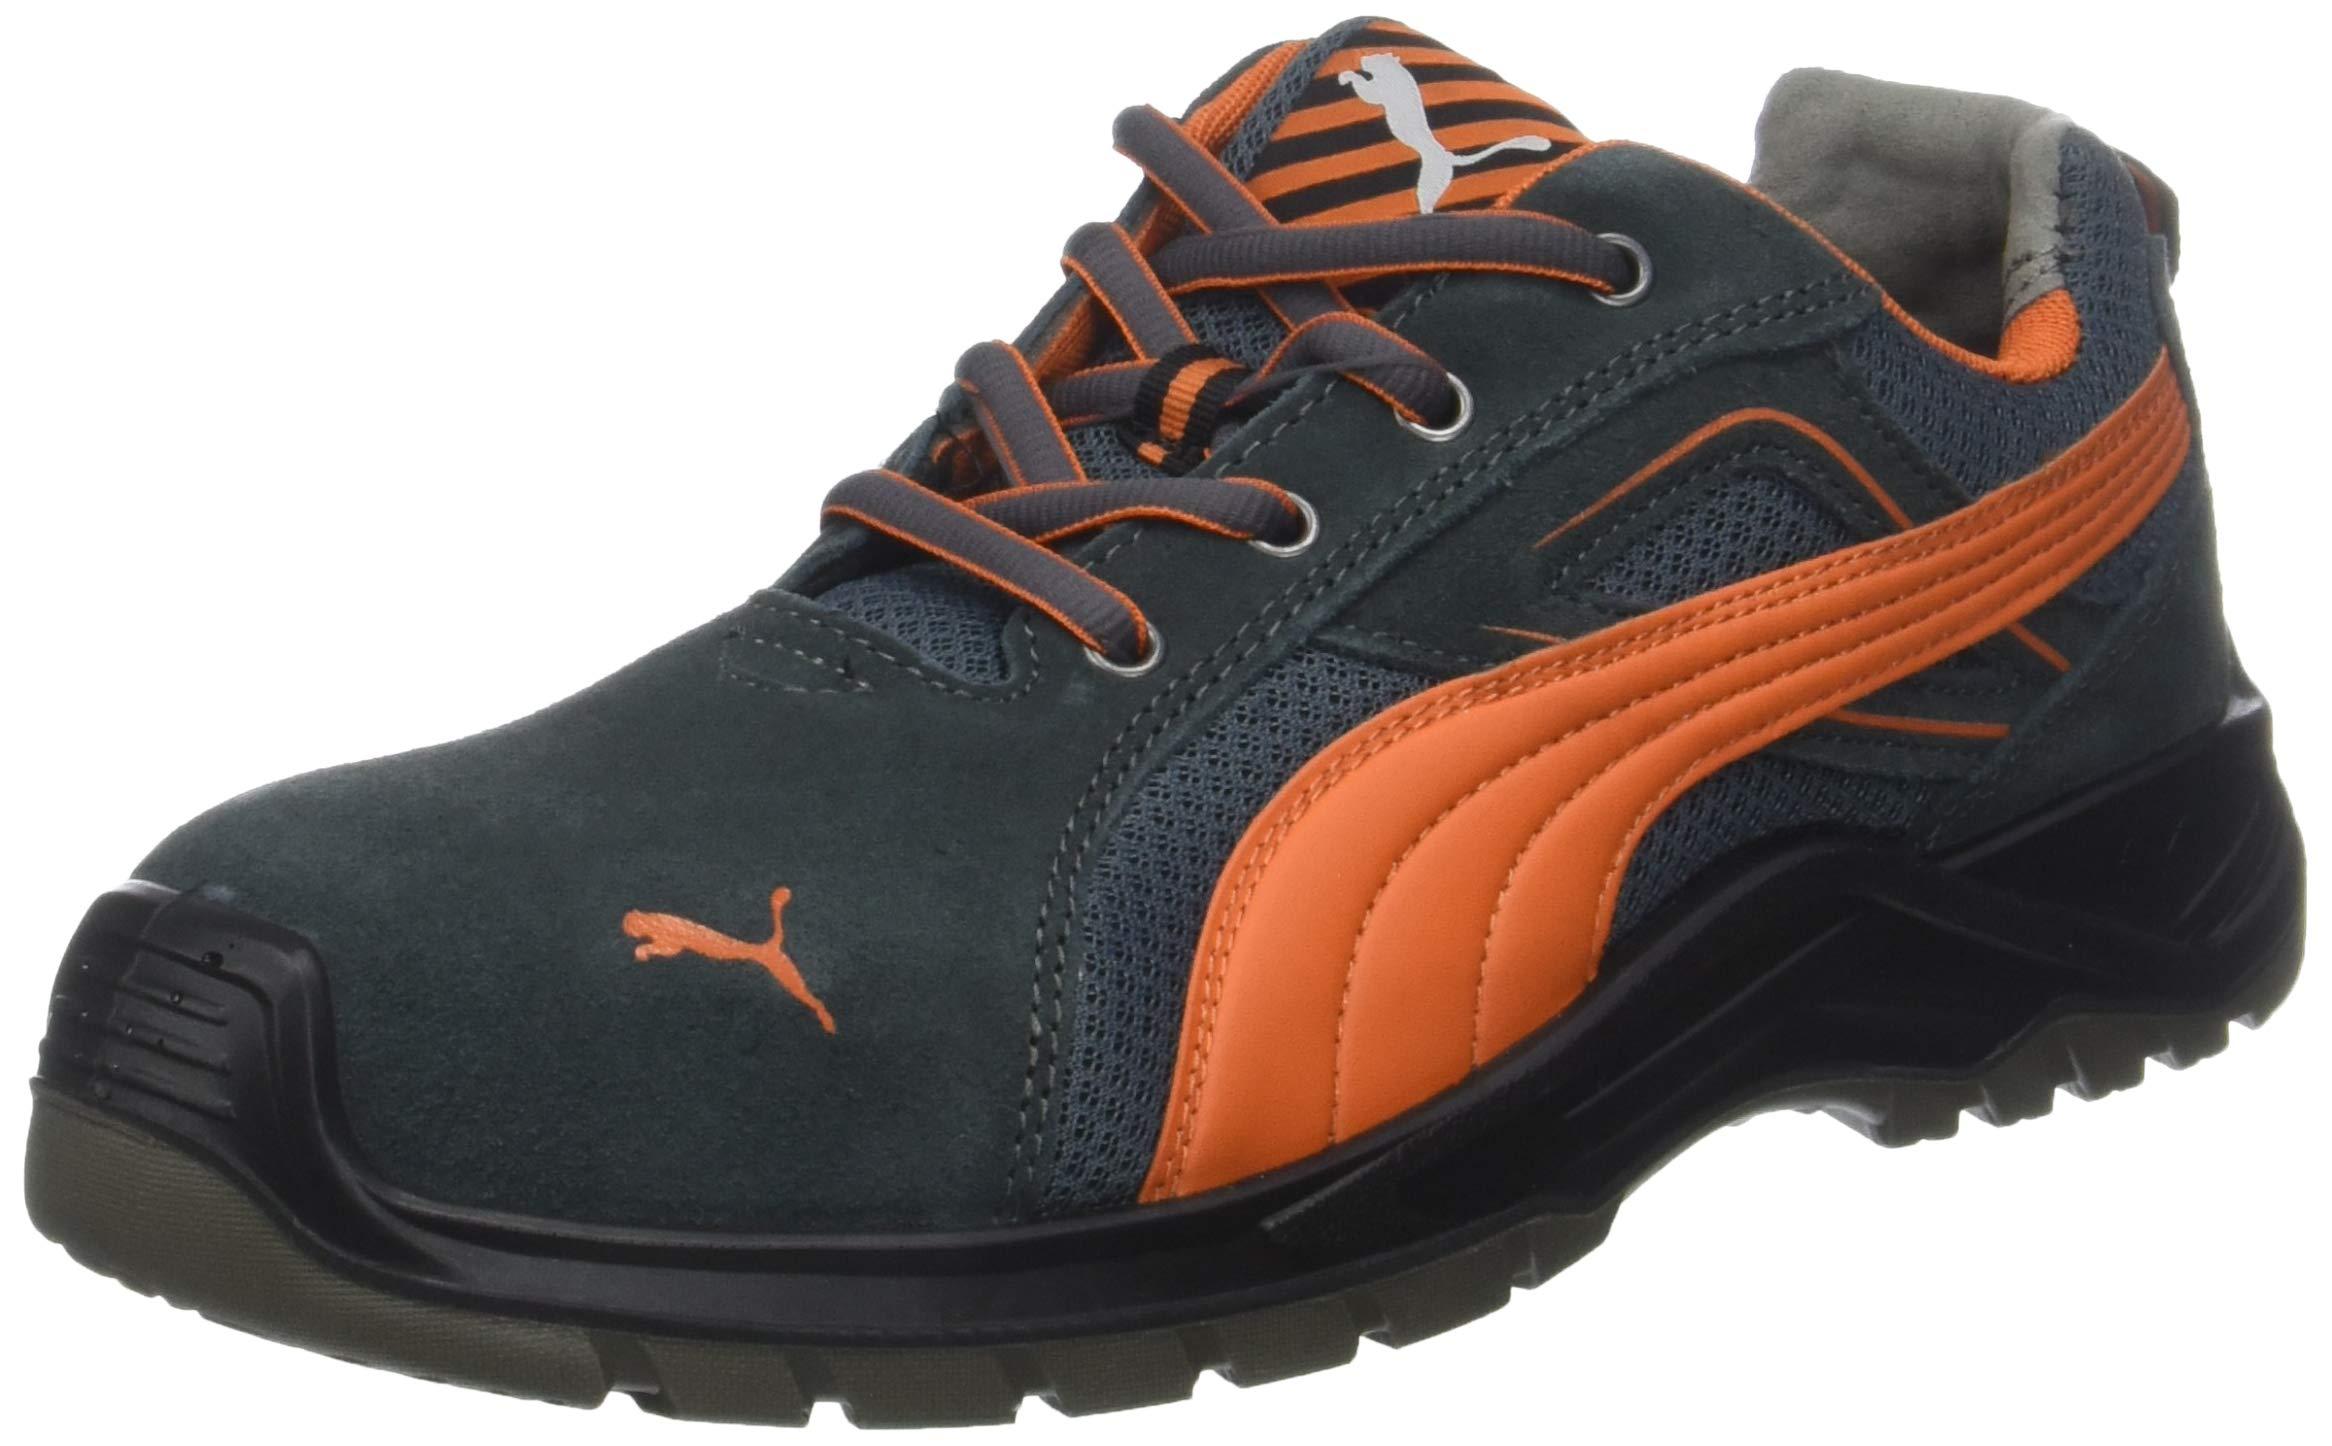 Puma Safety Footwear Mens Omni Flash